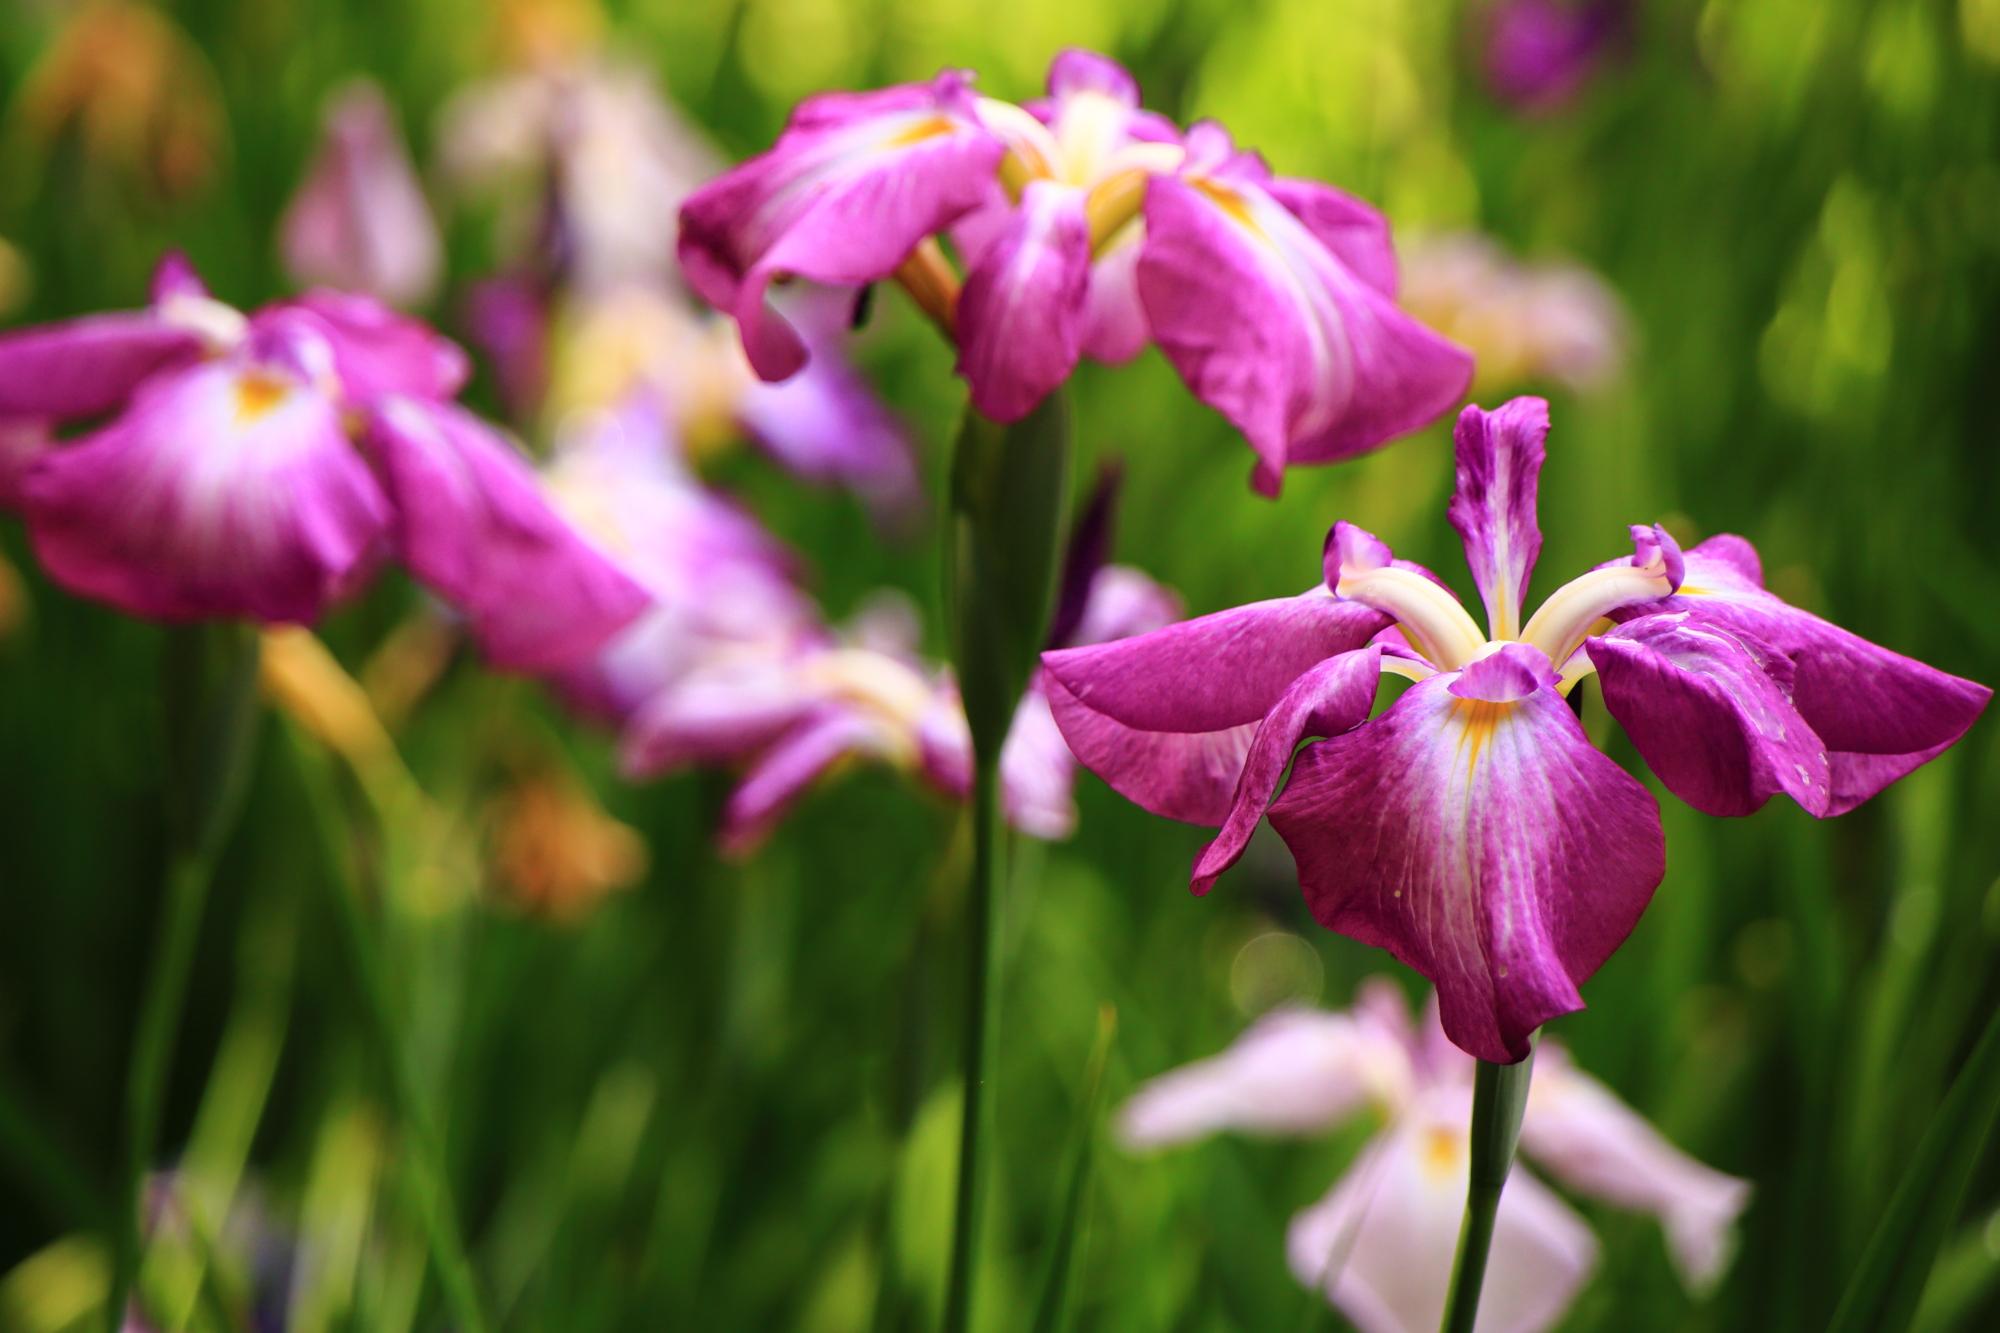 華やかとも鮮やかとも言える色合いの花菖蒲